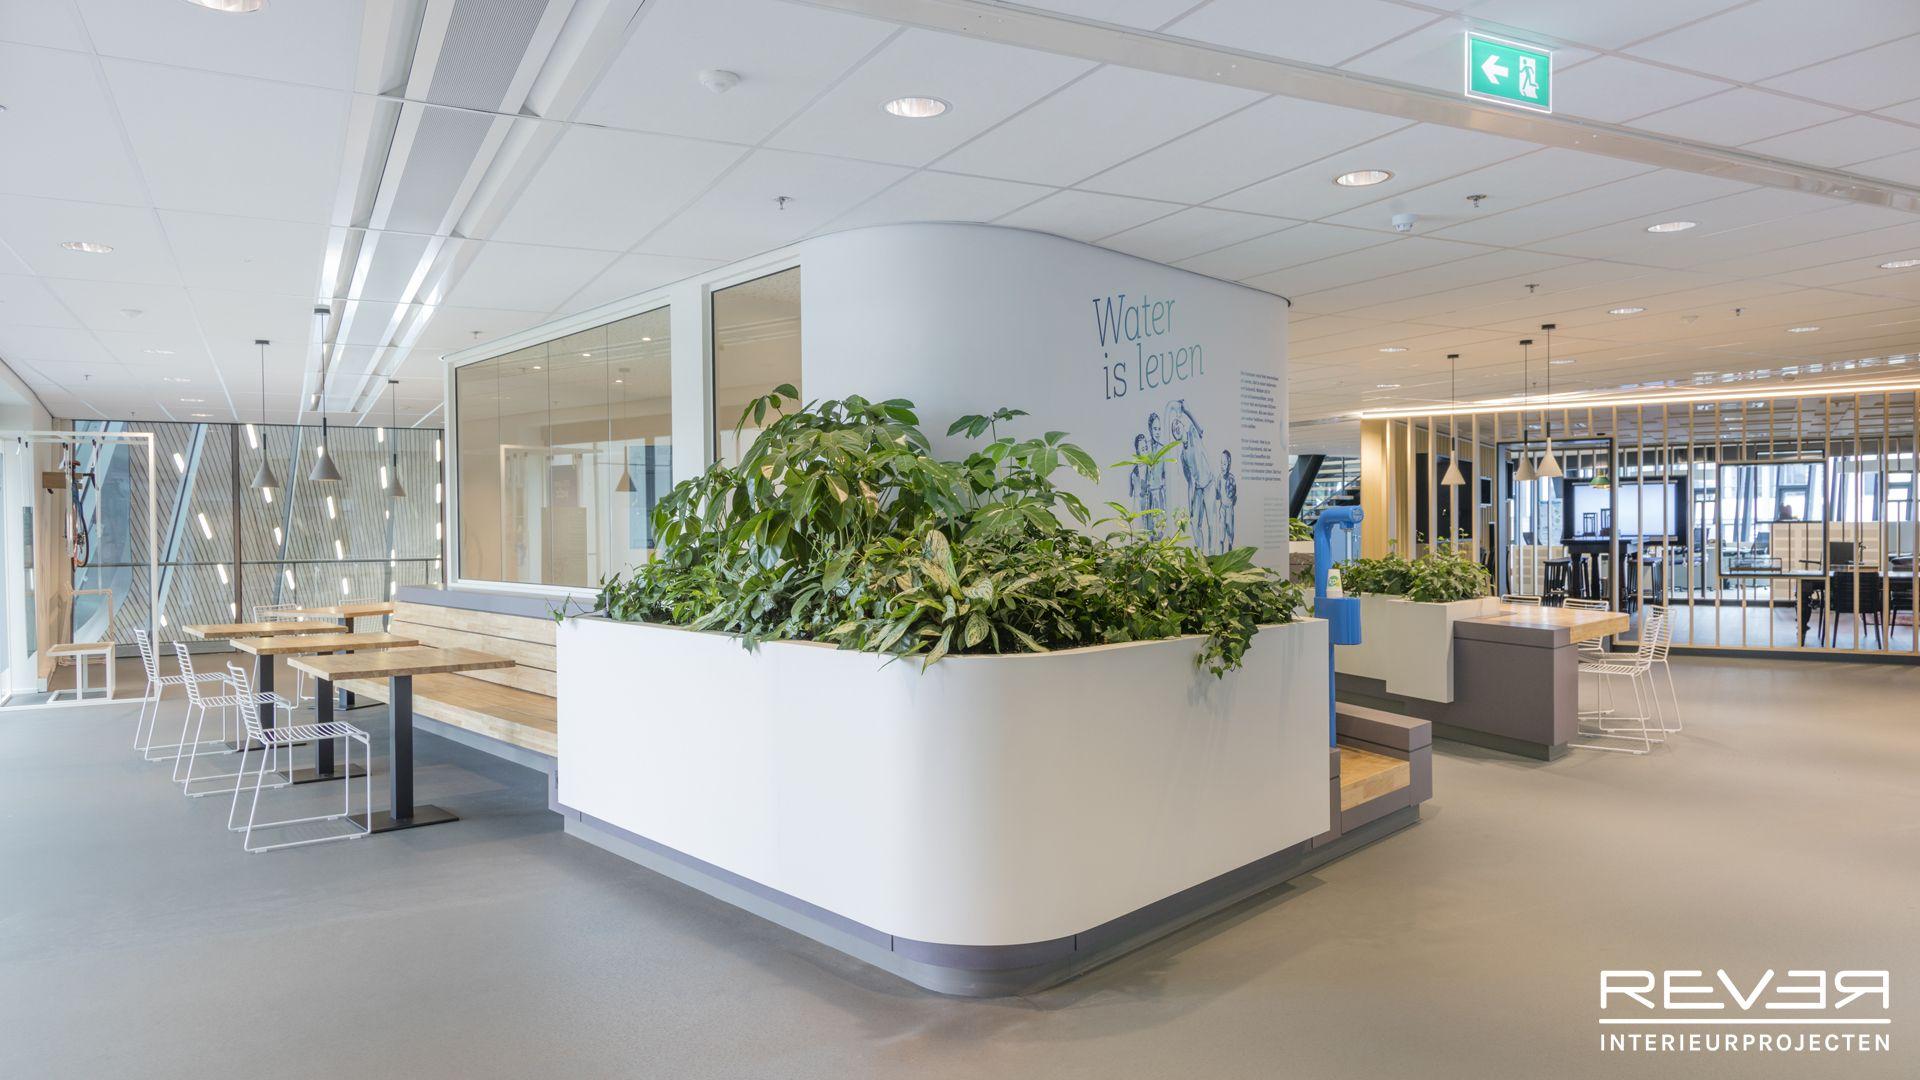 Kantoorcampus vgz in arnhem ontwerp en realisatie door for Kantoor interieur